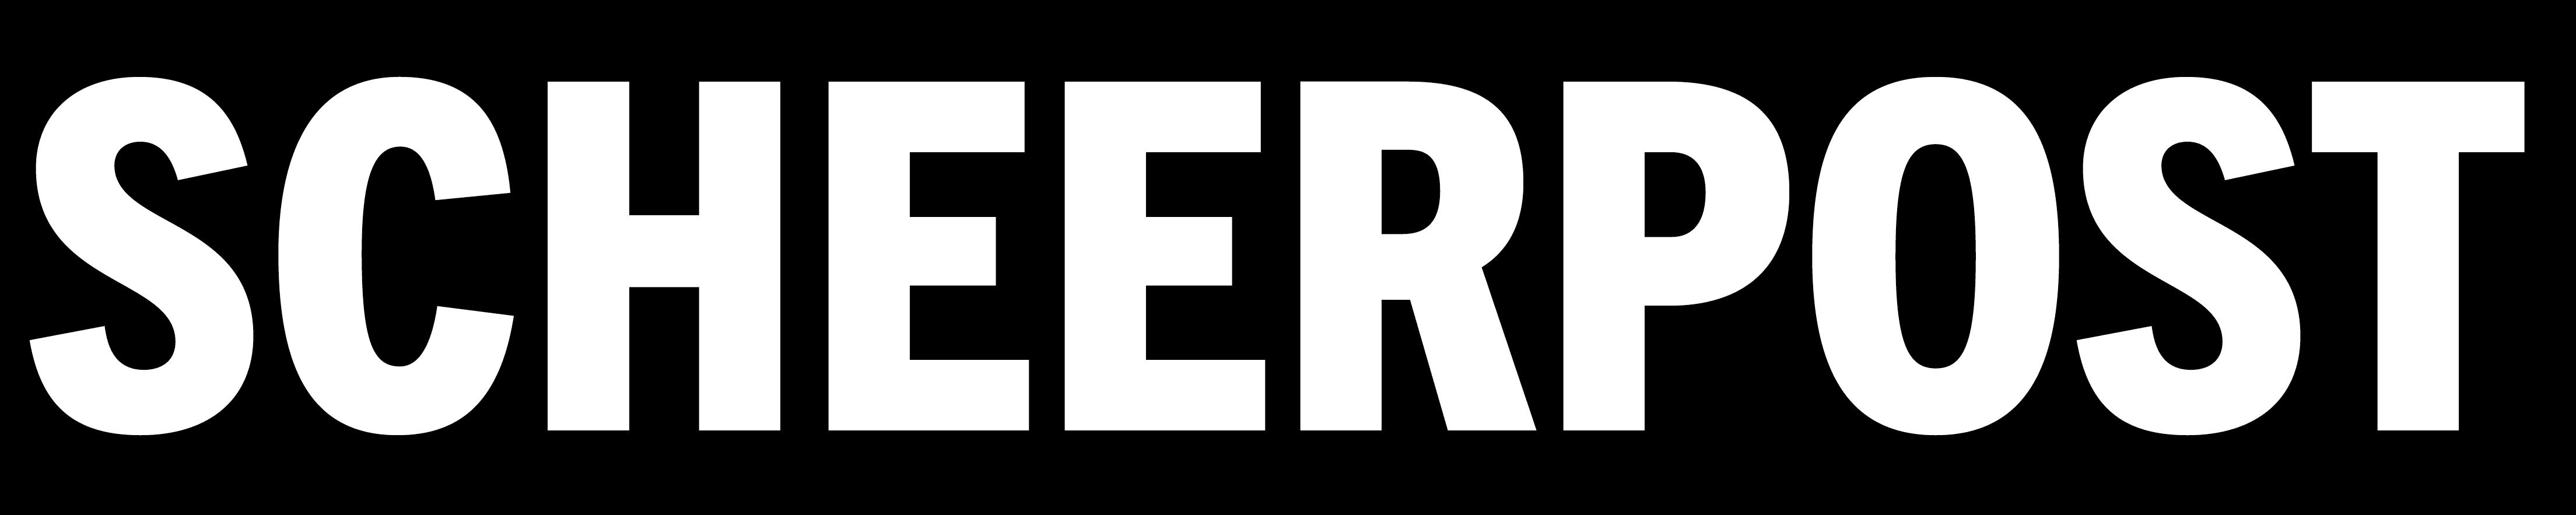 scheerpost.com